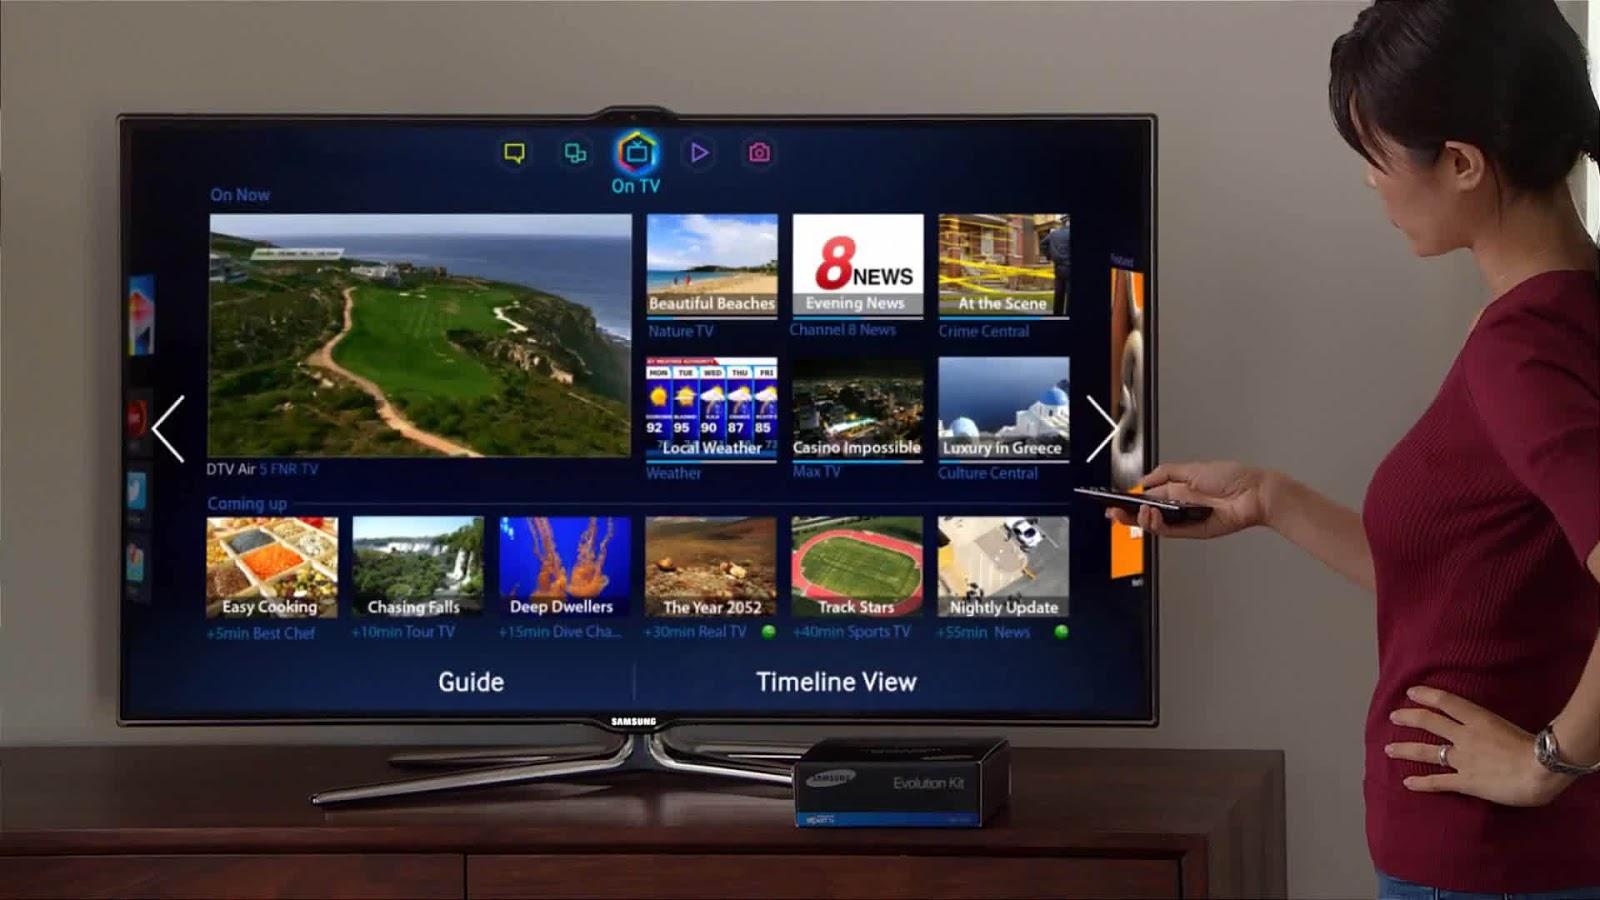 تطبيق جديد لمشاهدة القنوات المشفرة الرياضية والعربية على الإندرويد وعلى التلفاز Smart Tv